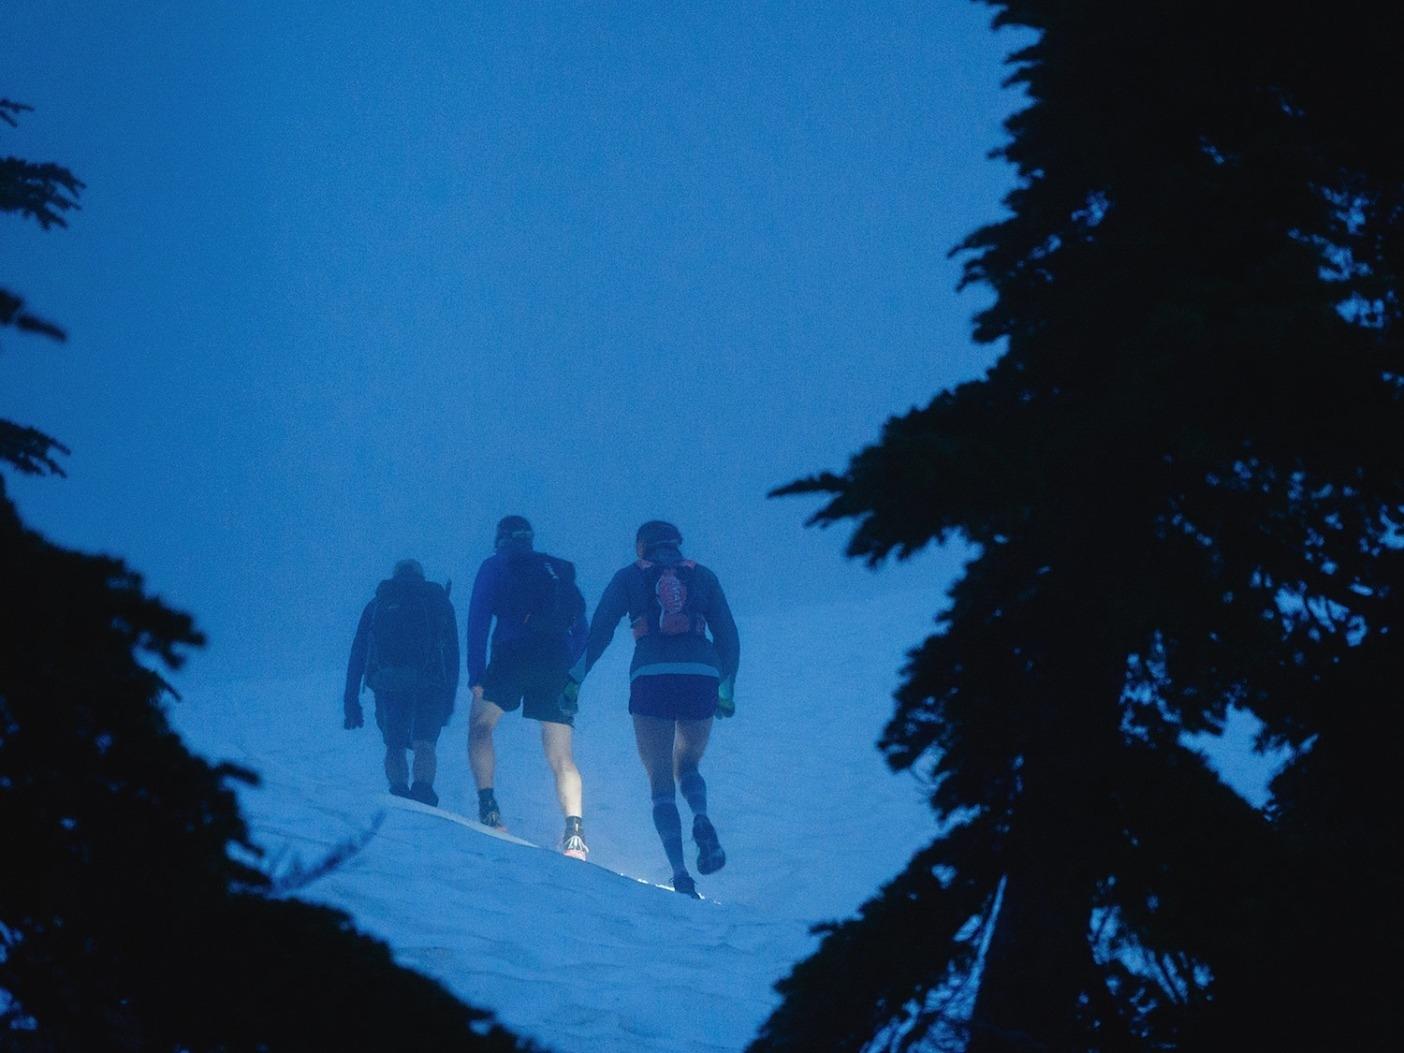 早朝の霧の中、雪を踏んで登り始めるクリッシーとジェレミー。Photo: Ben Groenhout